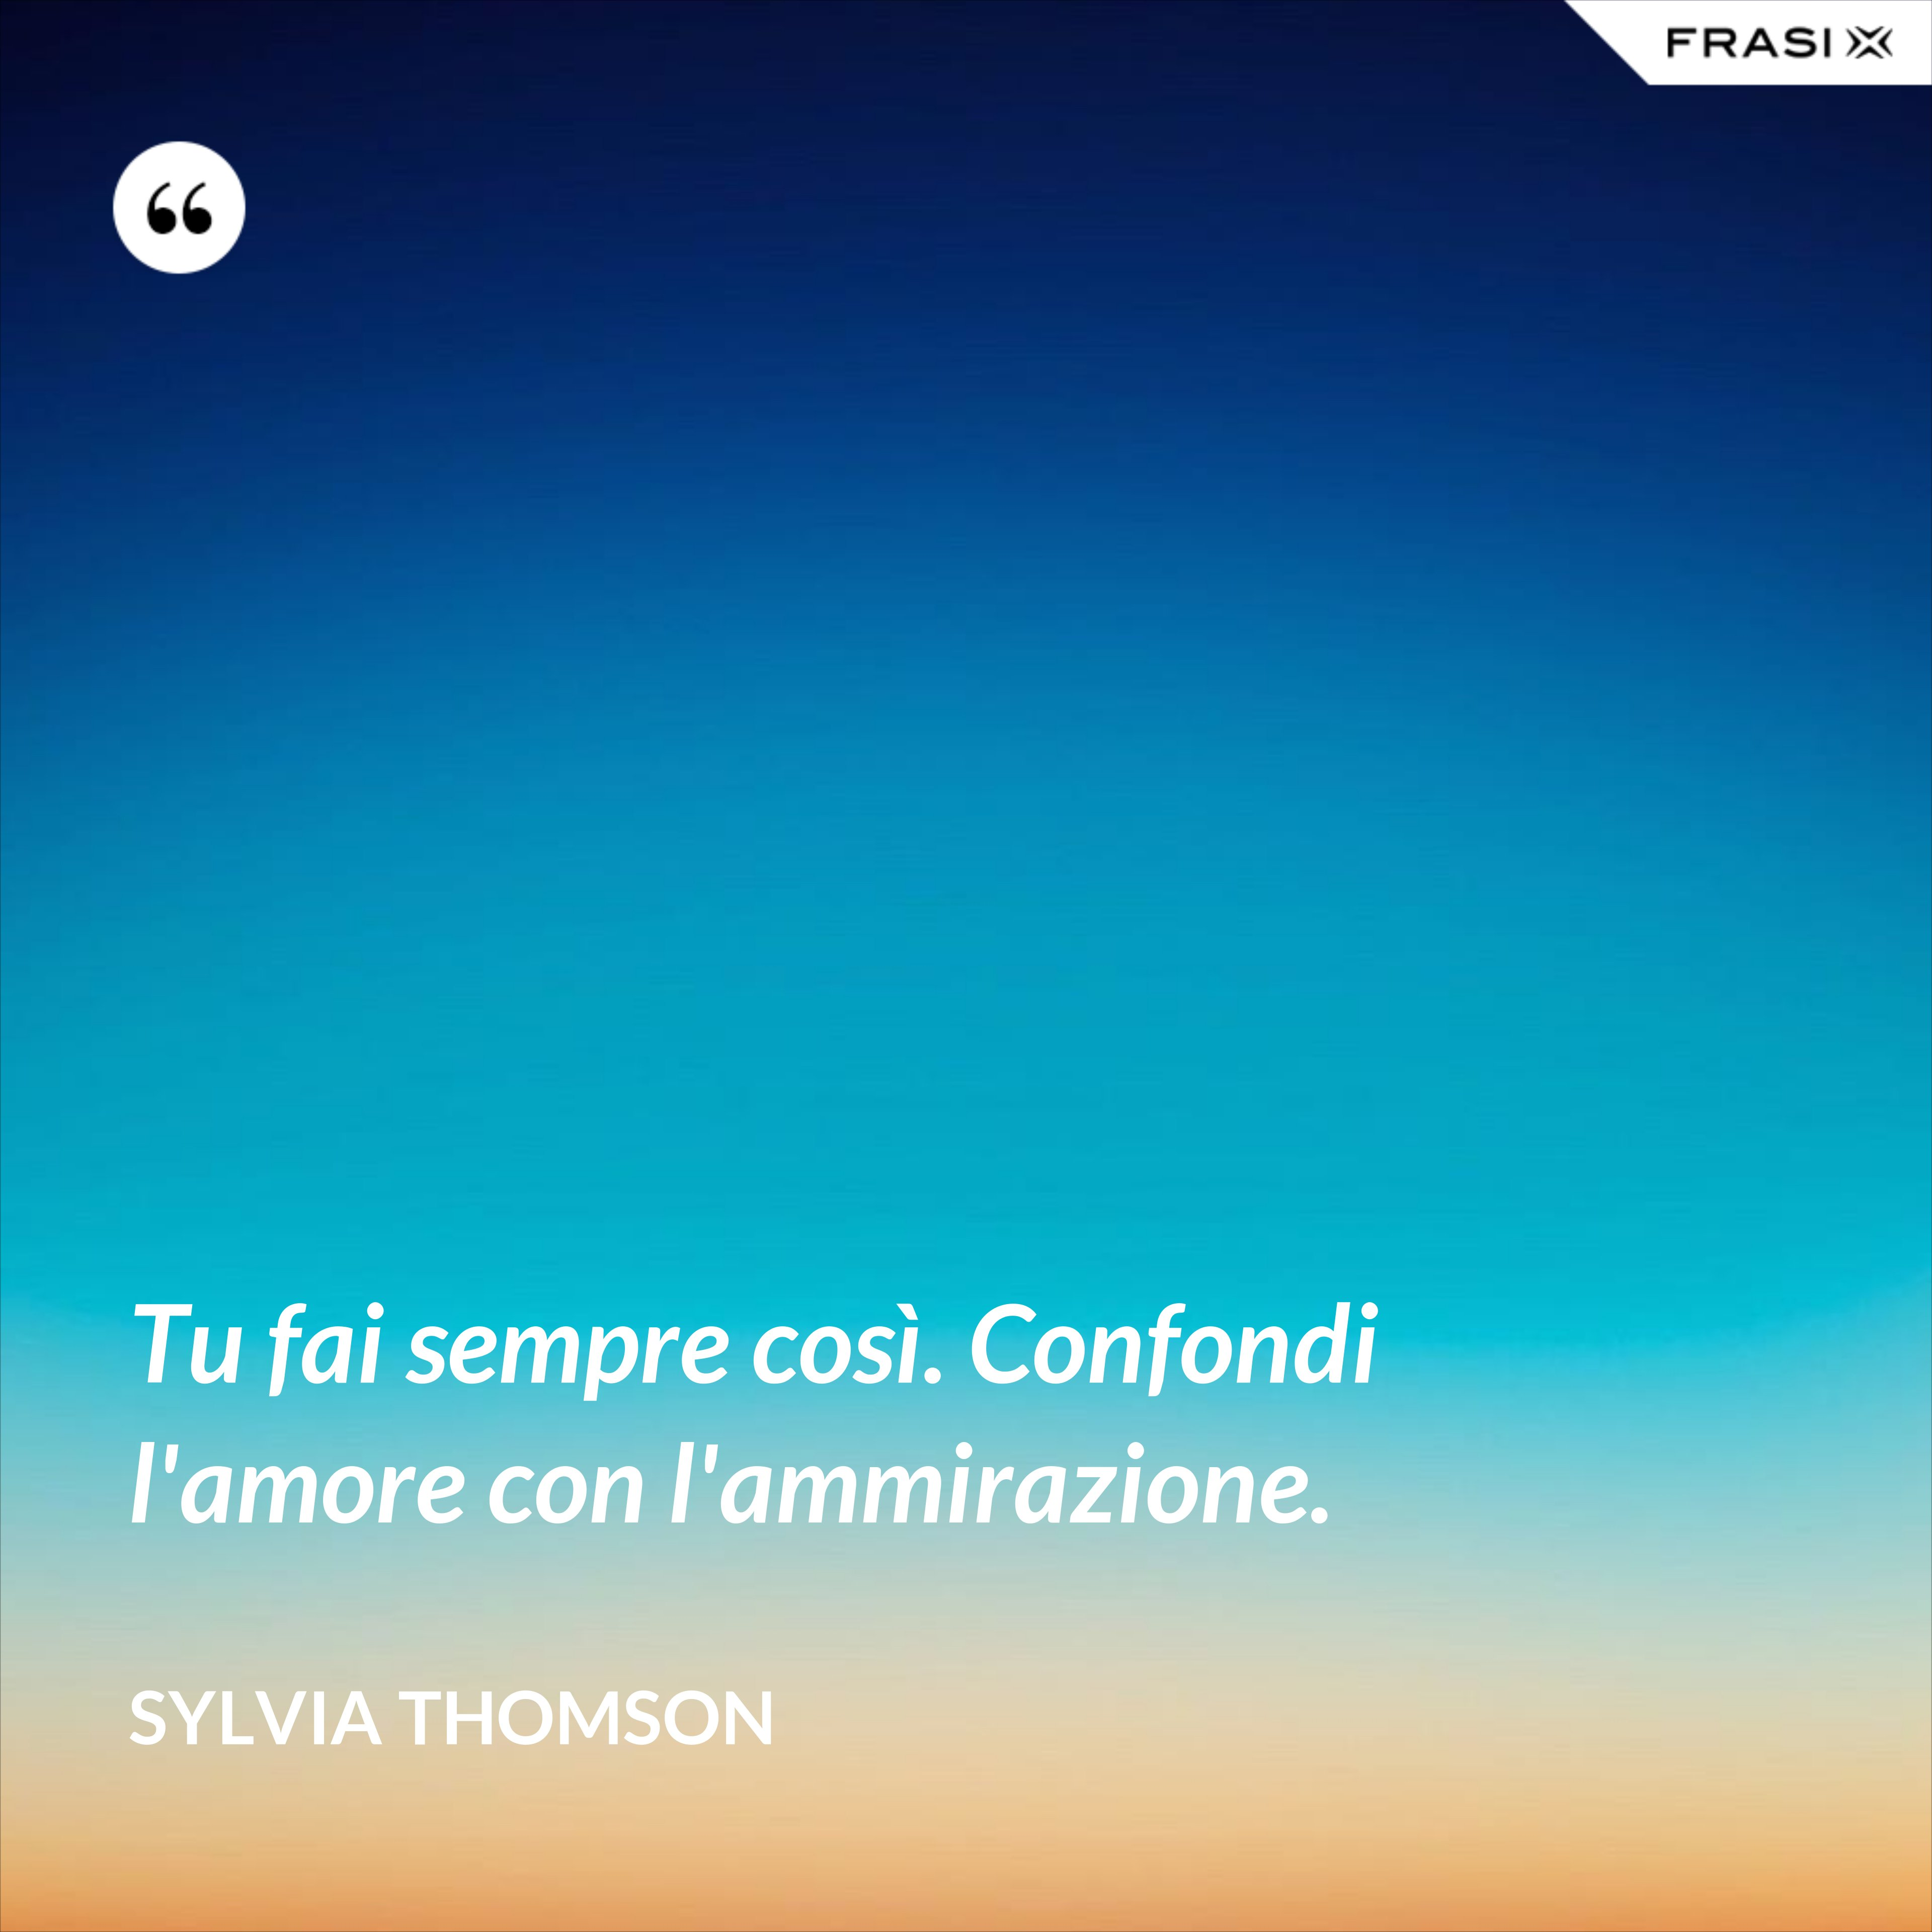 Tu fai sempre così. Confondi l'amore con l'ammirazione. - Sylvia Thomson